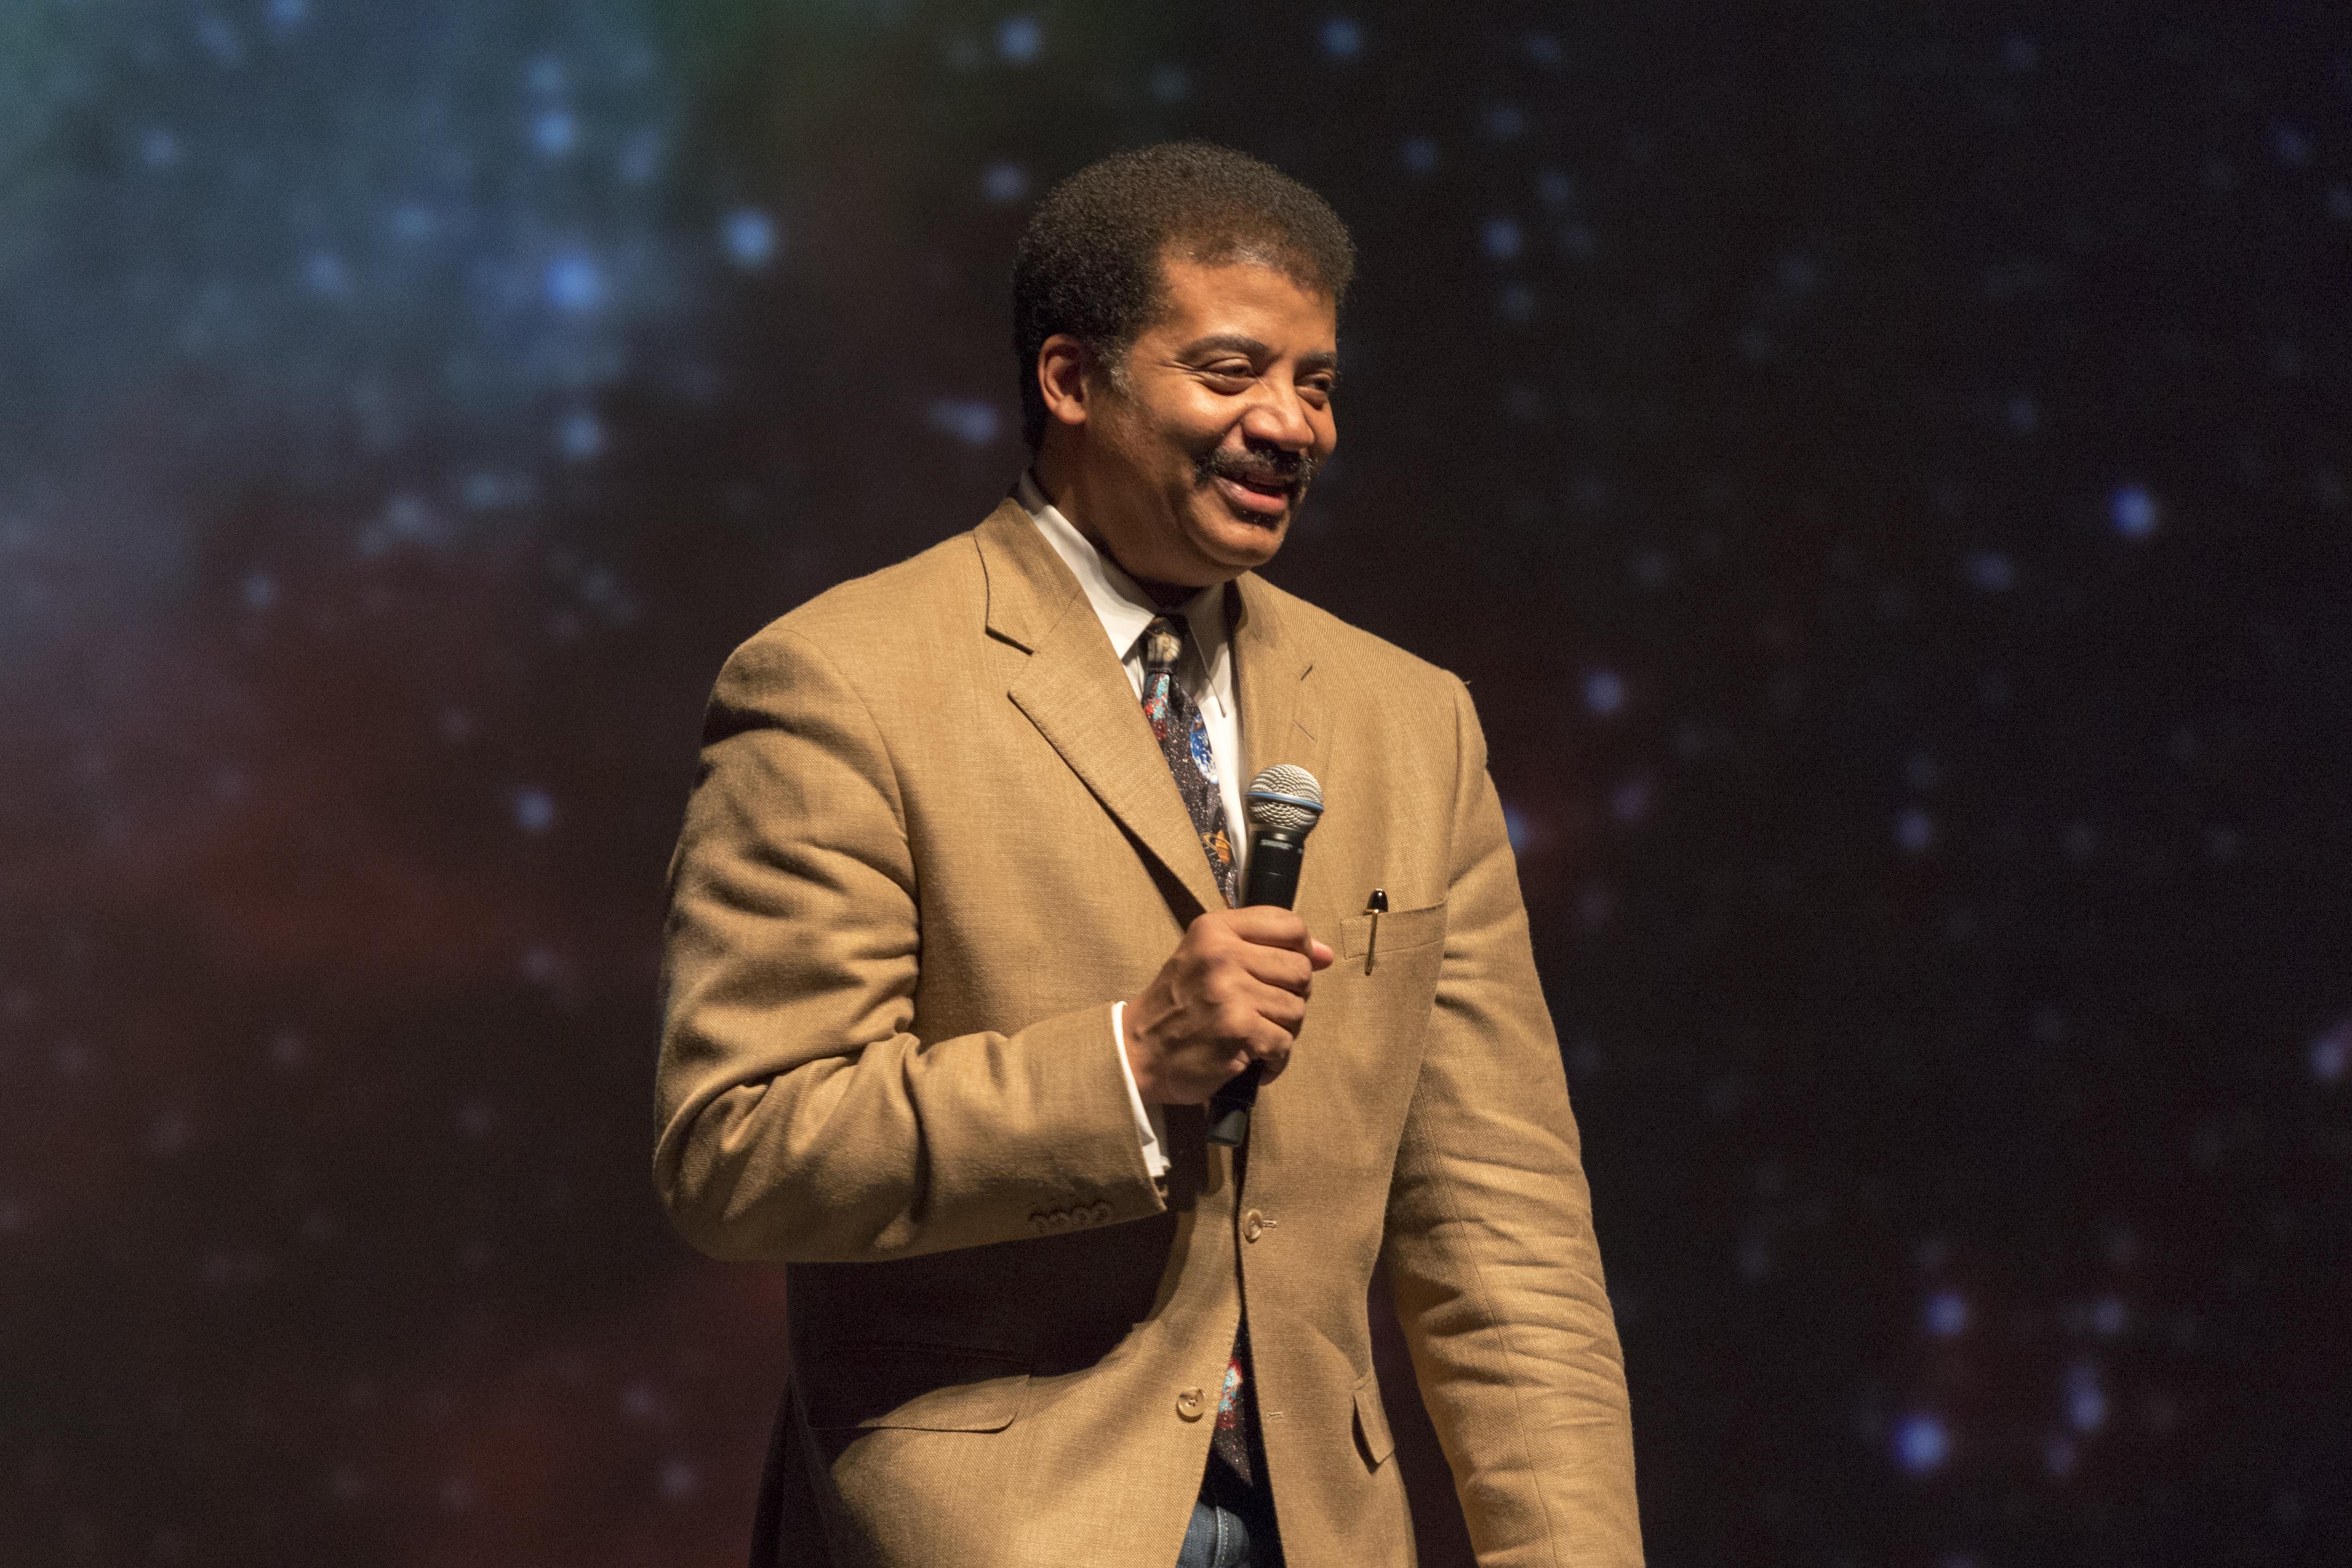 Astrophysicist Neil deGrasse Tyson Makes Audiences